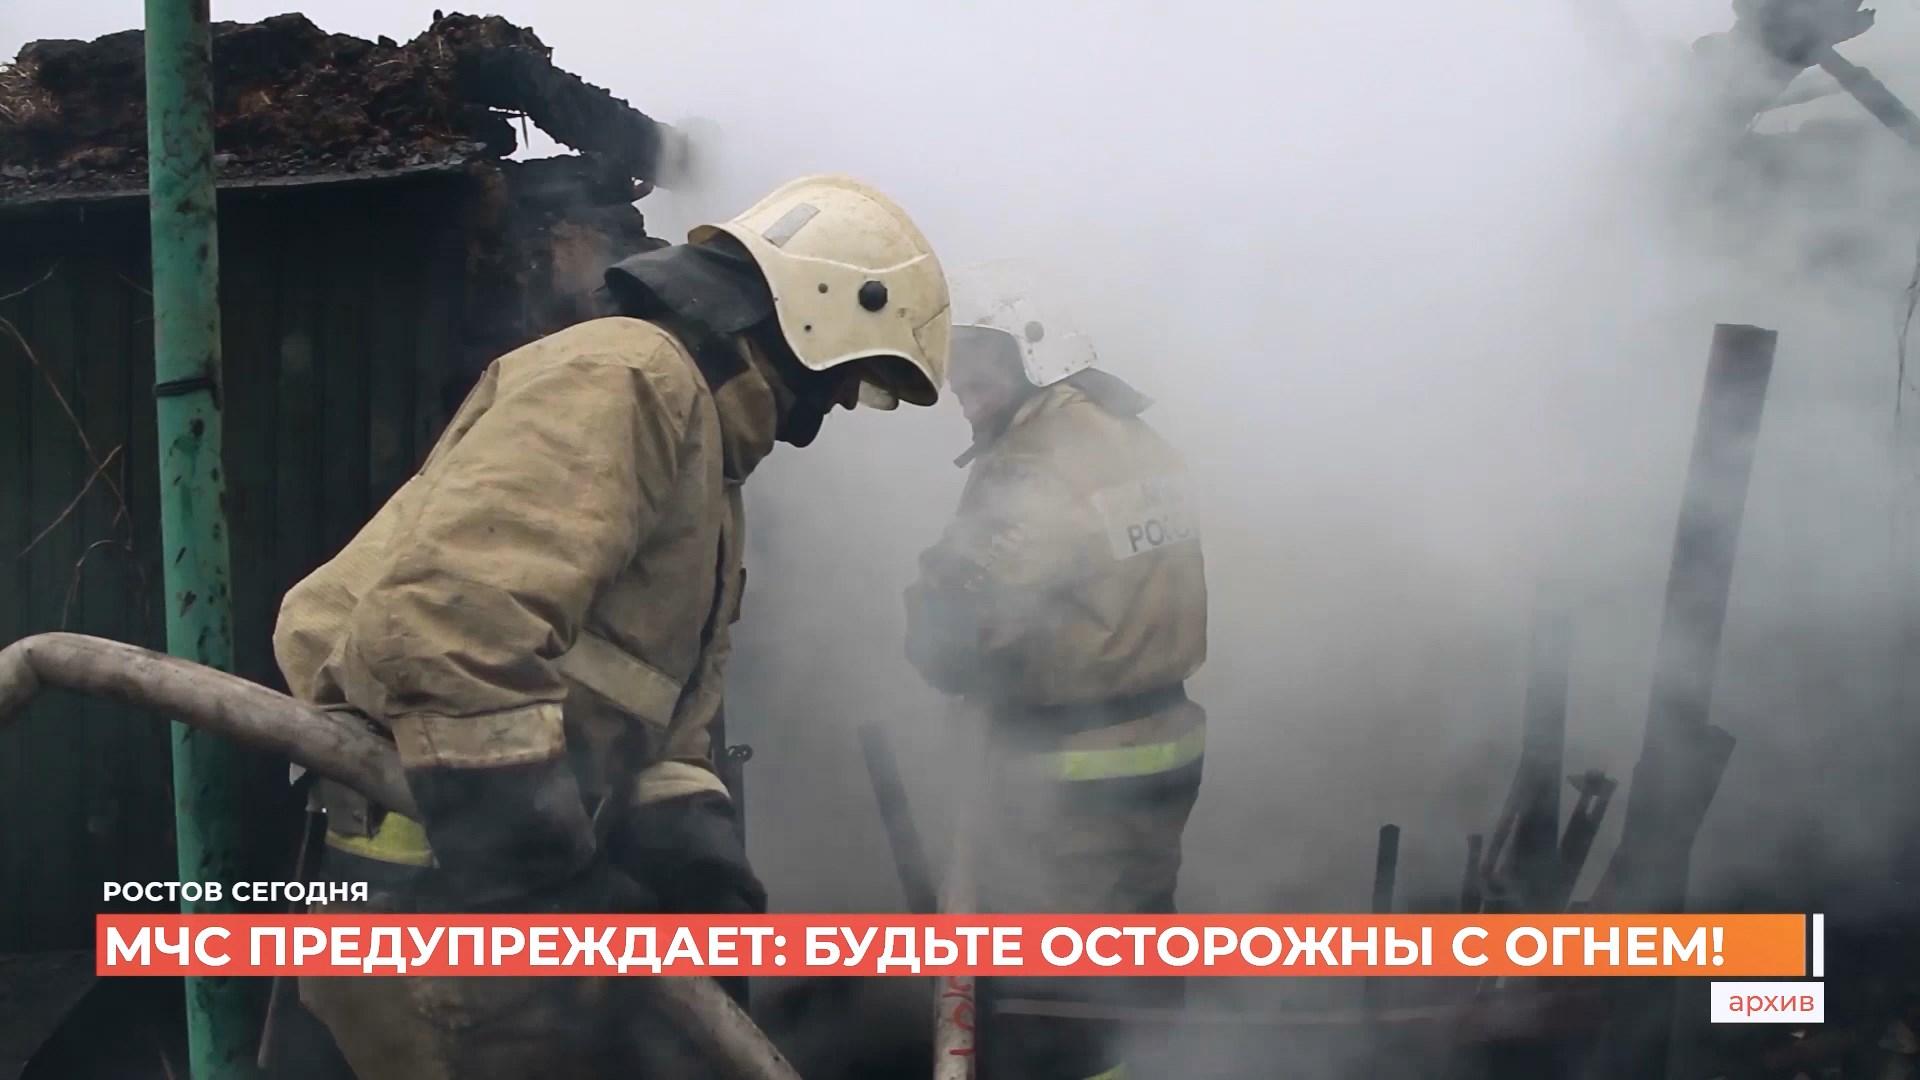 Ростов сегодня: дневной выпуск. 5 мая 2021